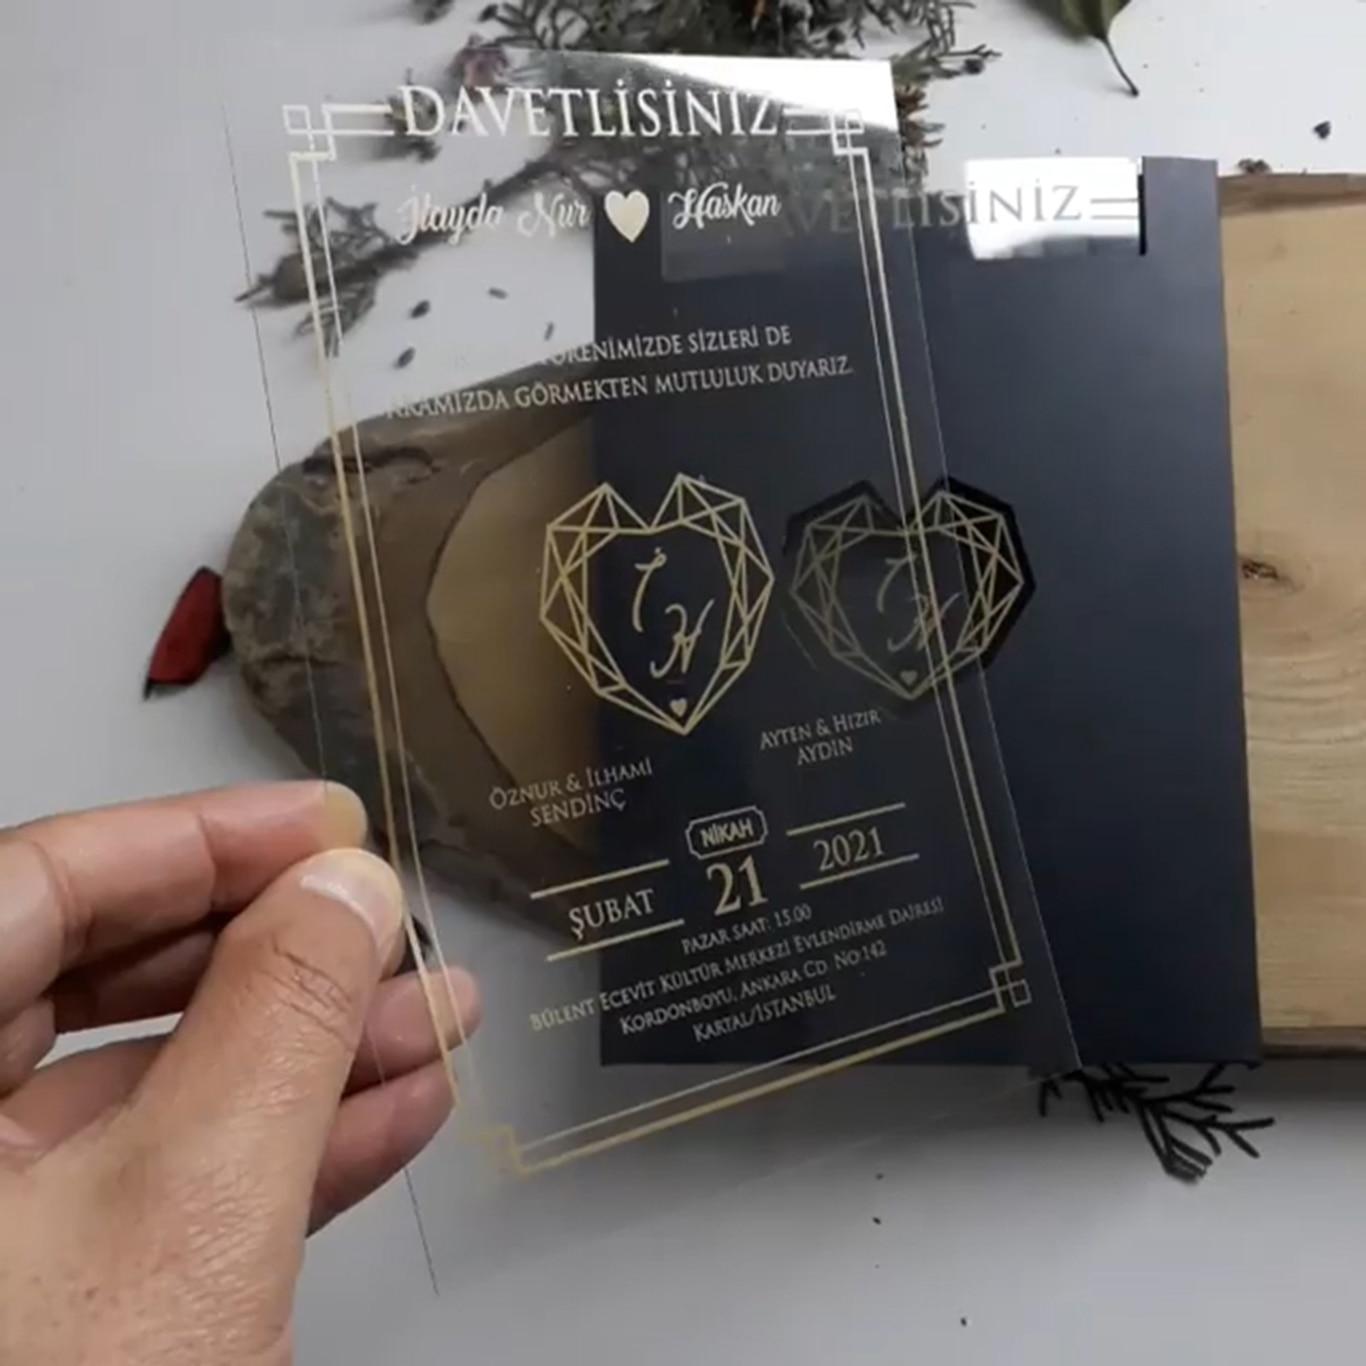 Пригласительная открытка на свадьбу, вечеринку, Рождество, событие, день рождения, пригласительная открытка ручной работы, 100 шт.